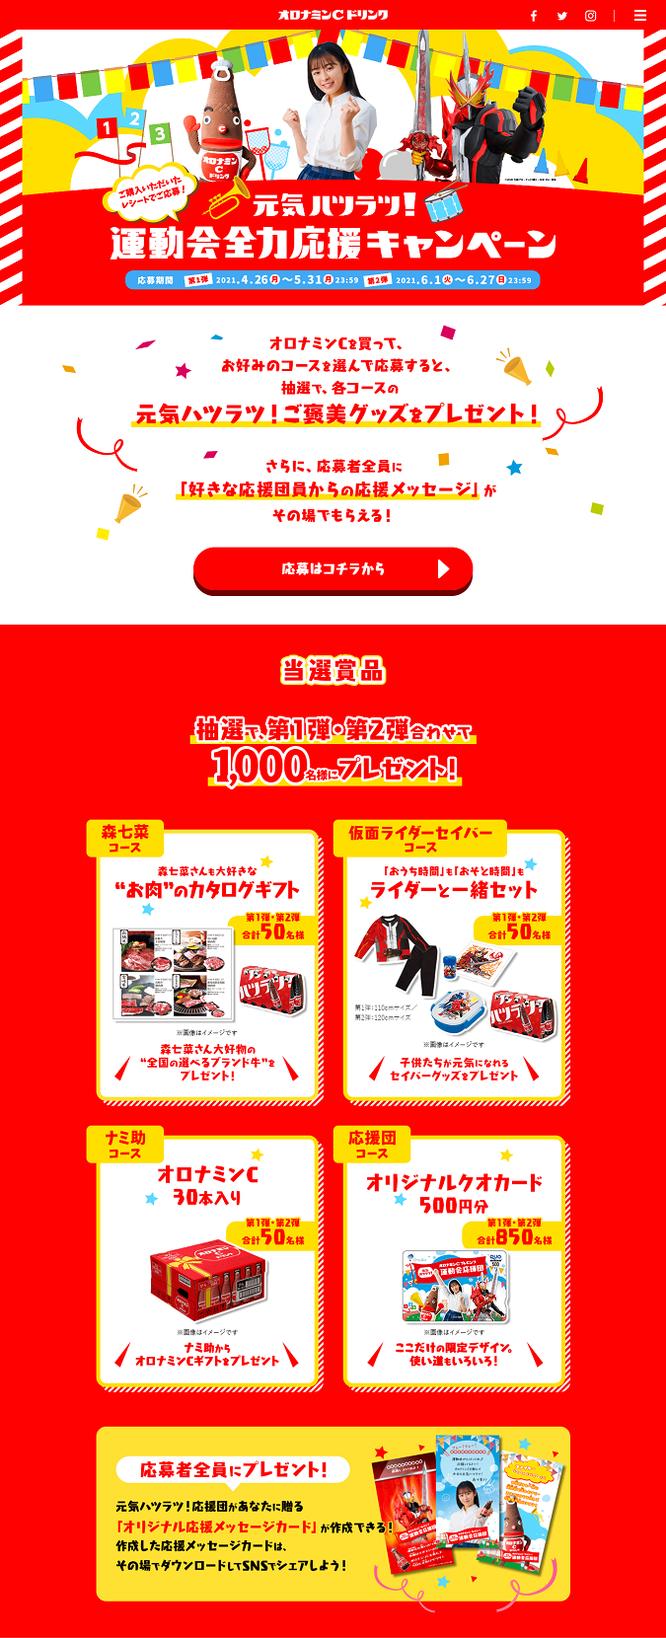 【大塚製薬】オロナミンCプレゼンツ運動会全力応援宣言キャンペーン